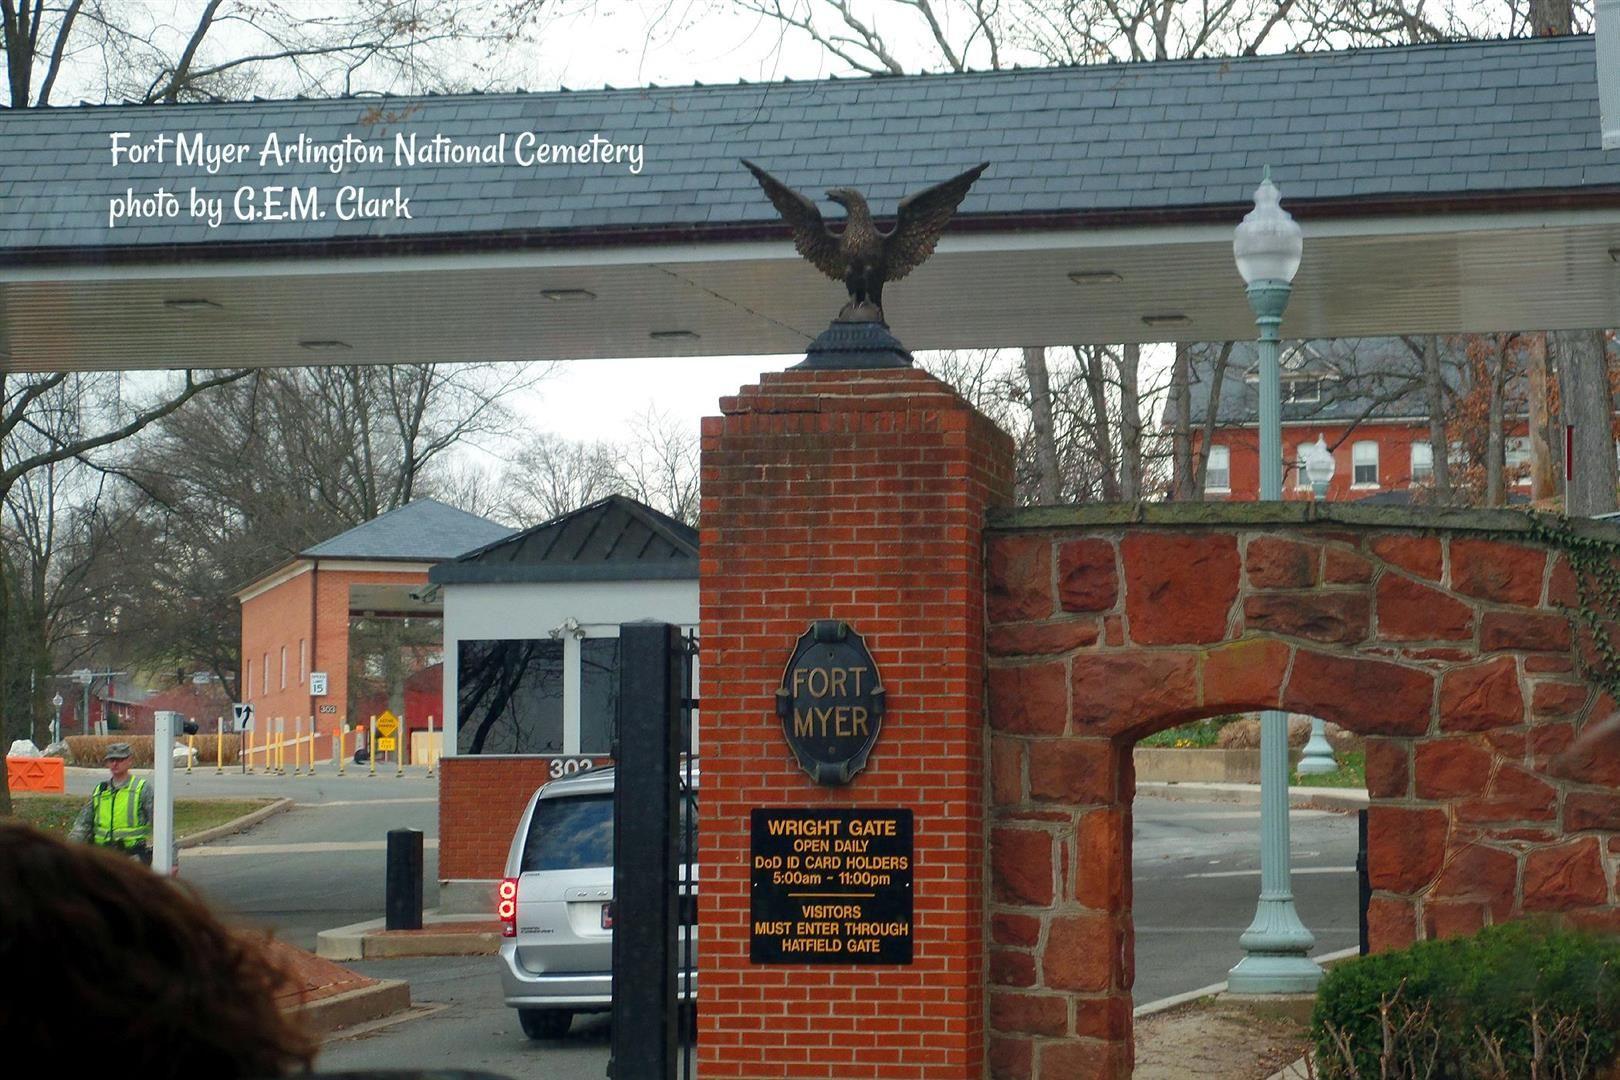 Fort Myer Entrance At Arlington National Cemetery National Cemetery Arlington National Cemetery Fort Myer